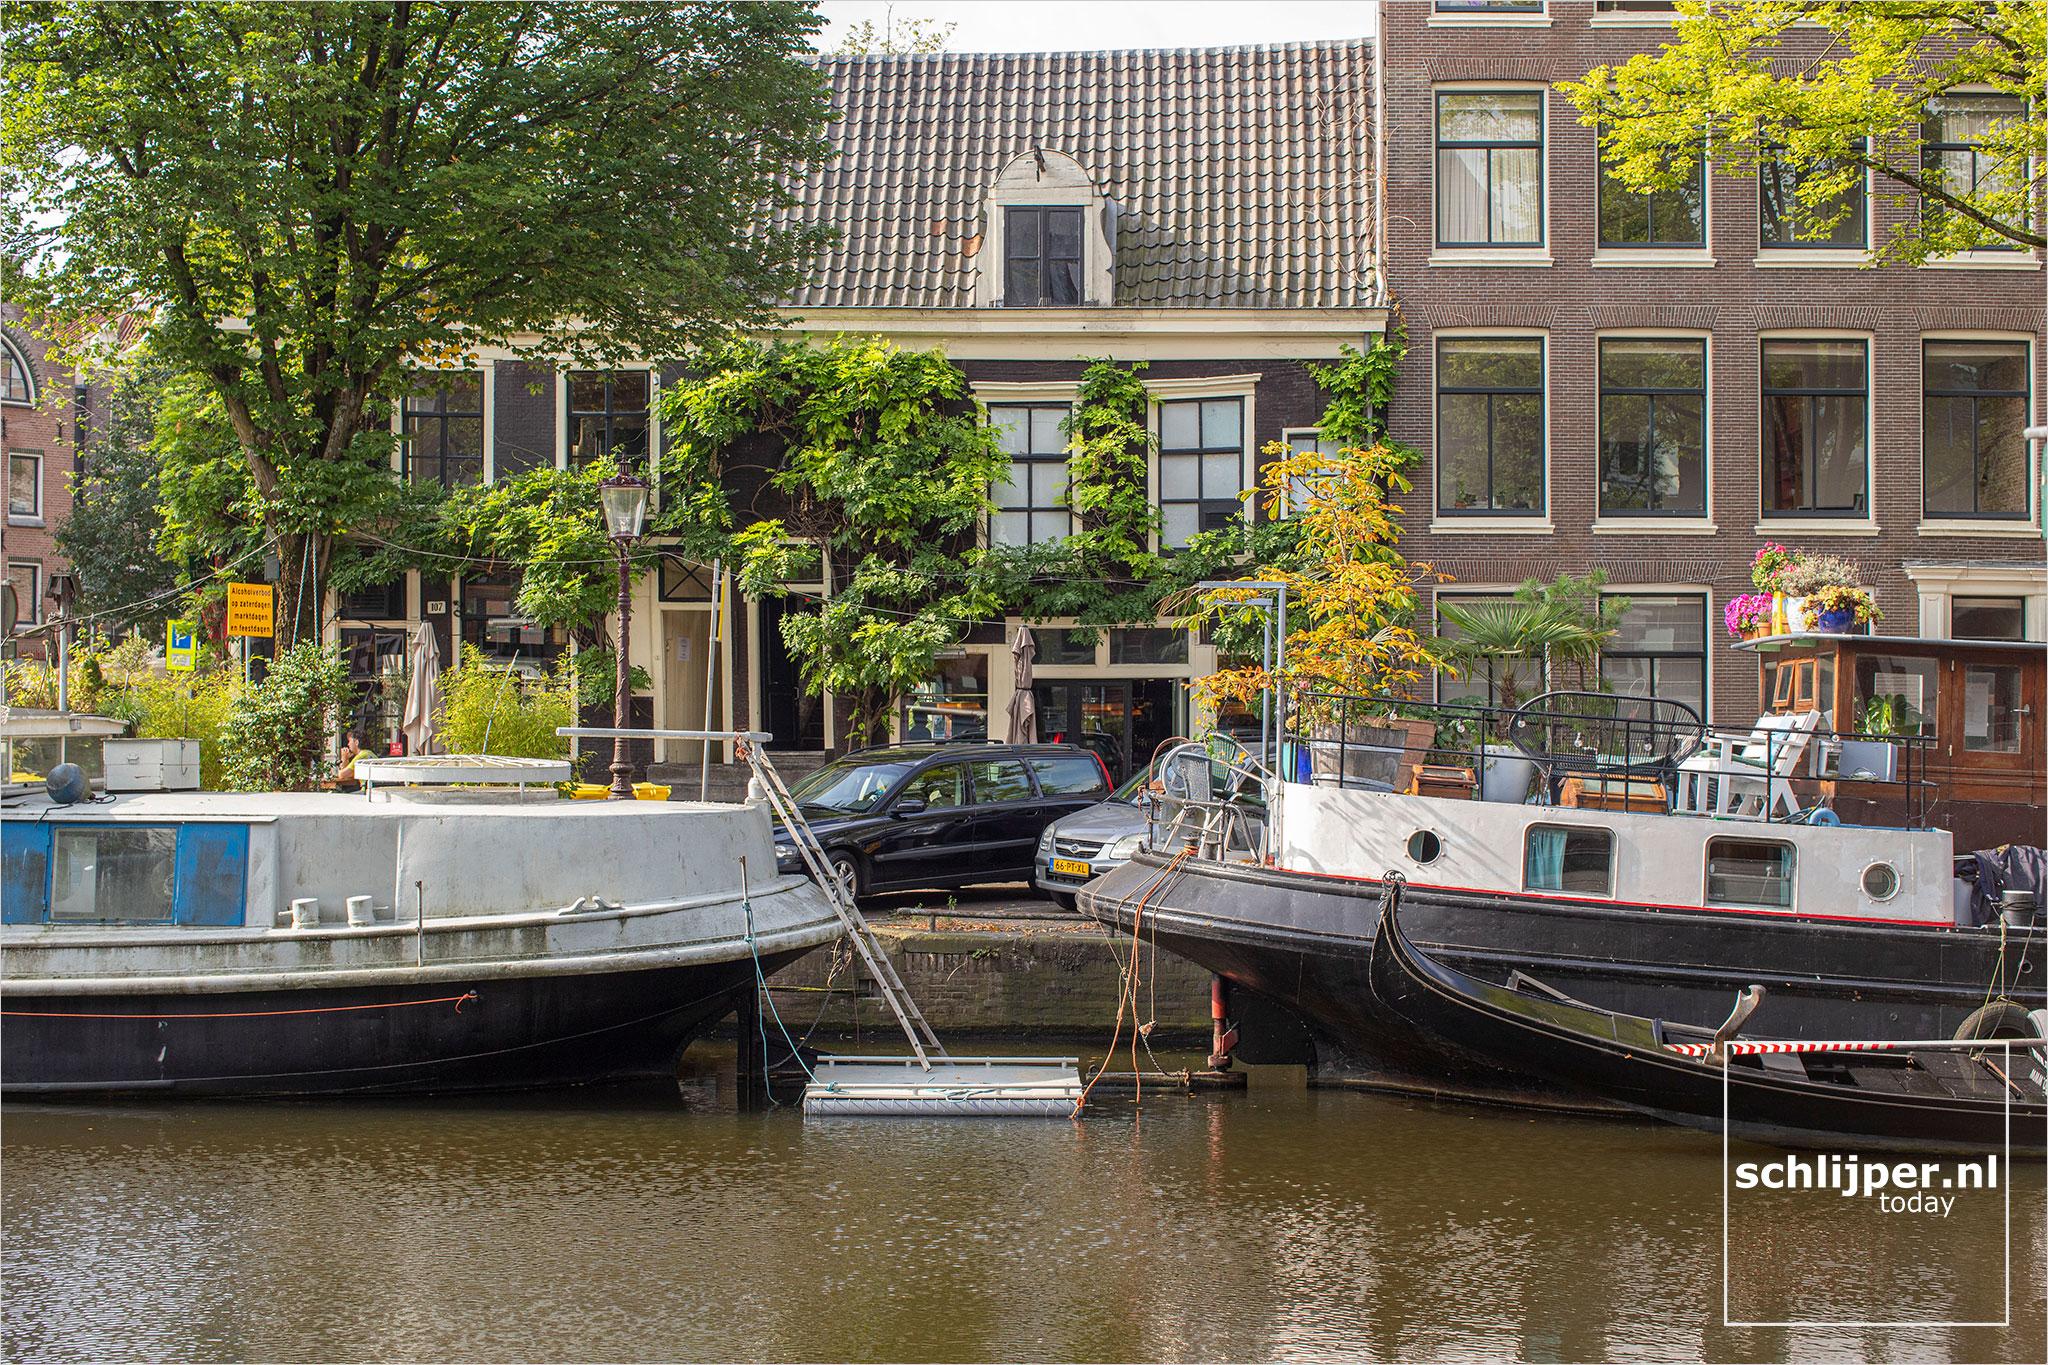 The Netherlands, Amsterdam, 10 september 2021